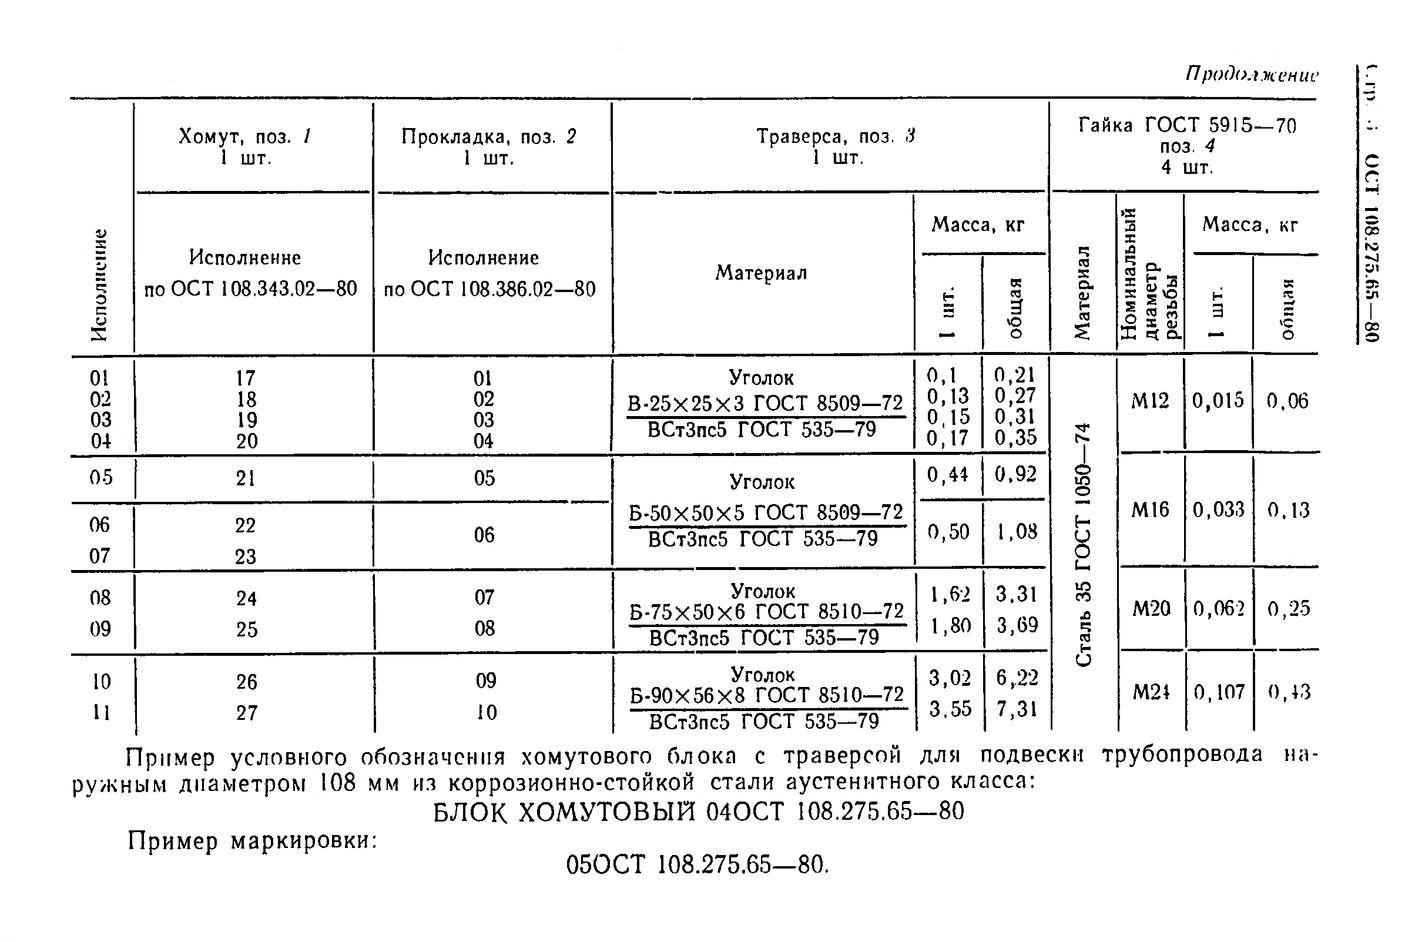 Блоки хомутовые с траверсой ОСТ 108.275.65-80 стр.3